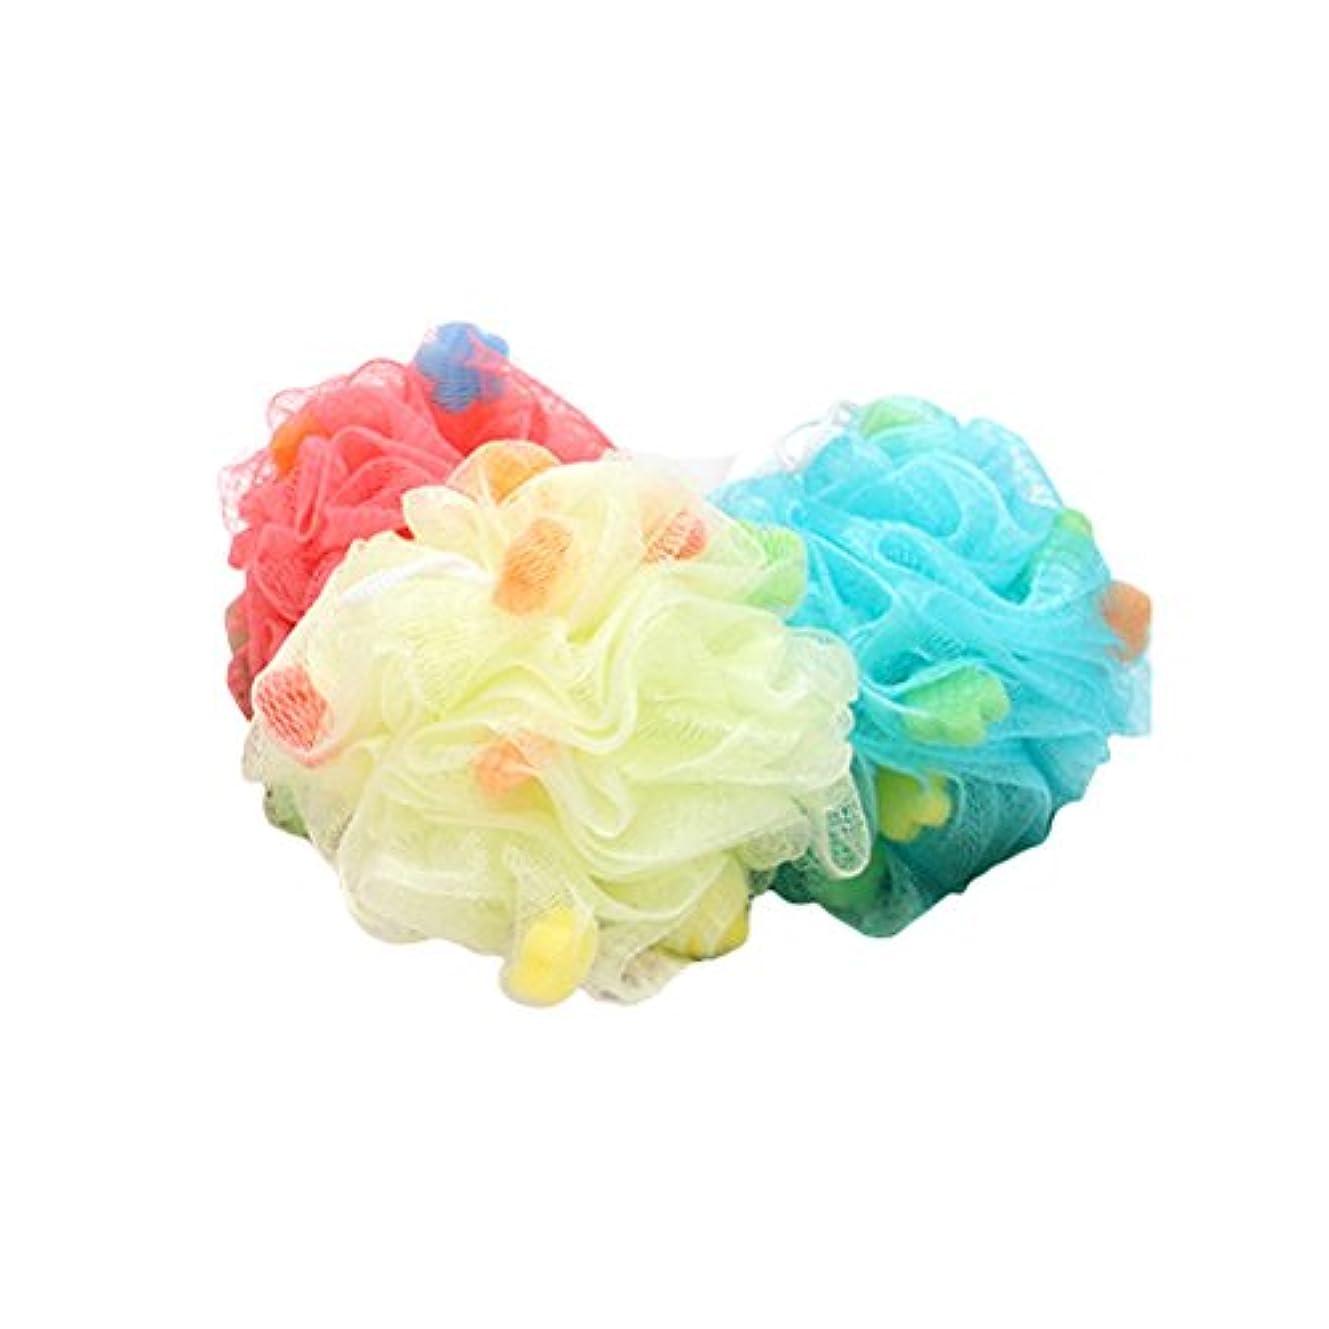 恩赦効率的にルーフHealifty ボディースポンジ 泡立てネット フラワーボール シャワー用 バス用品 背中も洗える メッシュ ボディ洗い 泡肌美人(ランダム色)3個